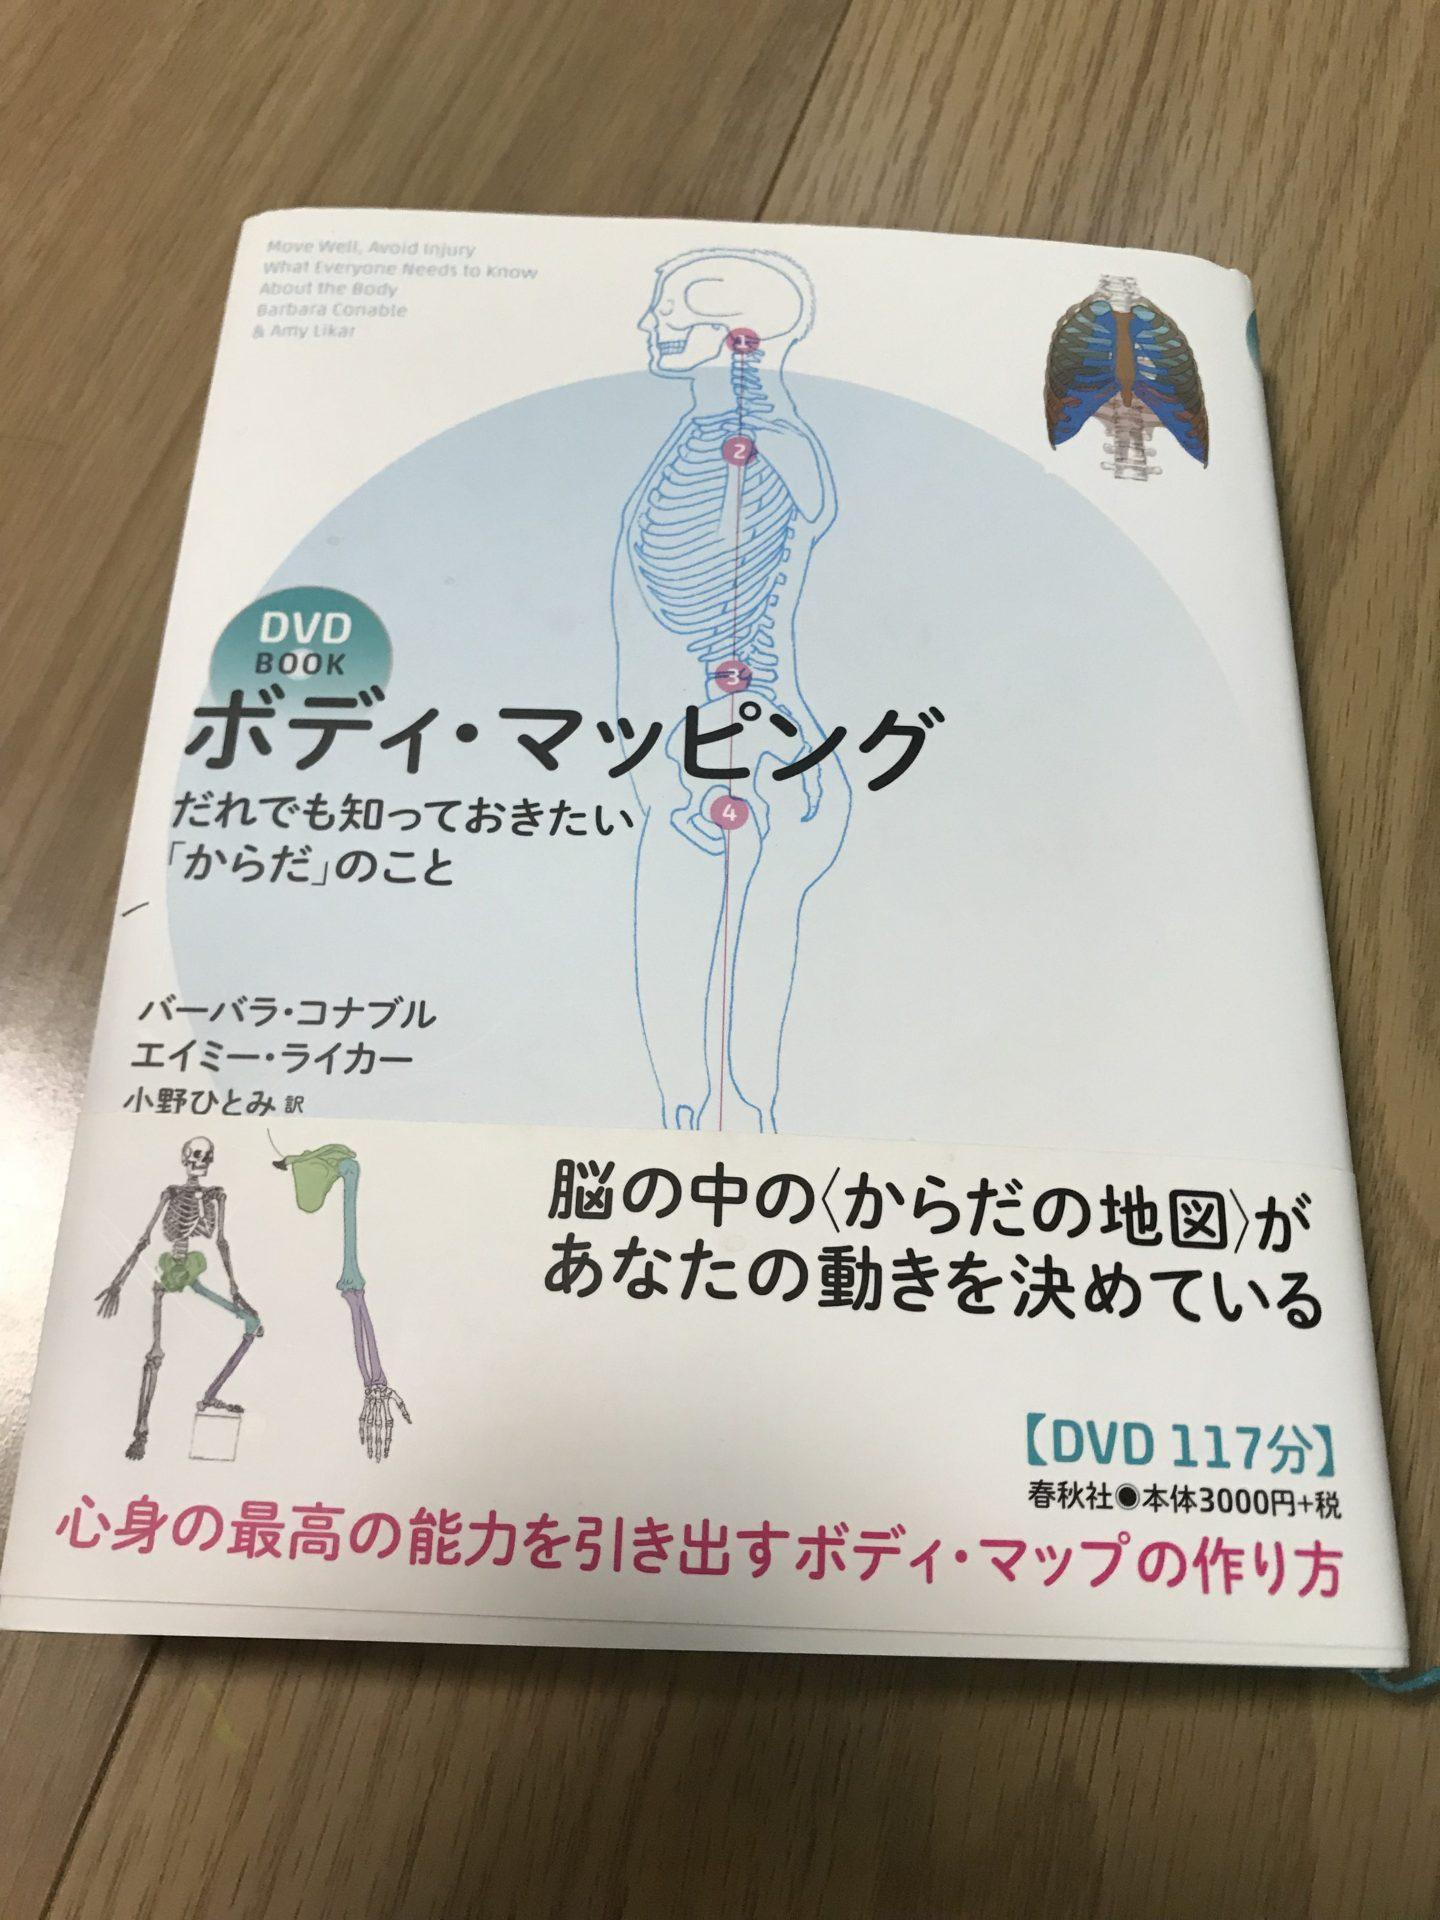 お勧め本「ボディ・マッピング」 「鬱屈しやすい姿勢が改善され、楽な体勢を維持」の体験談